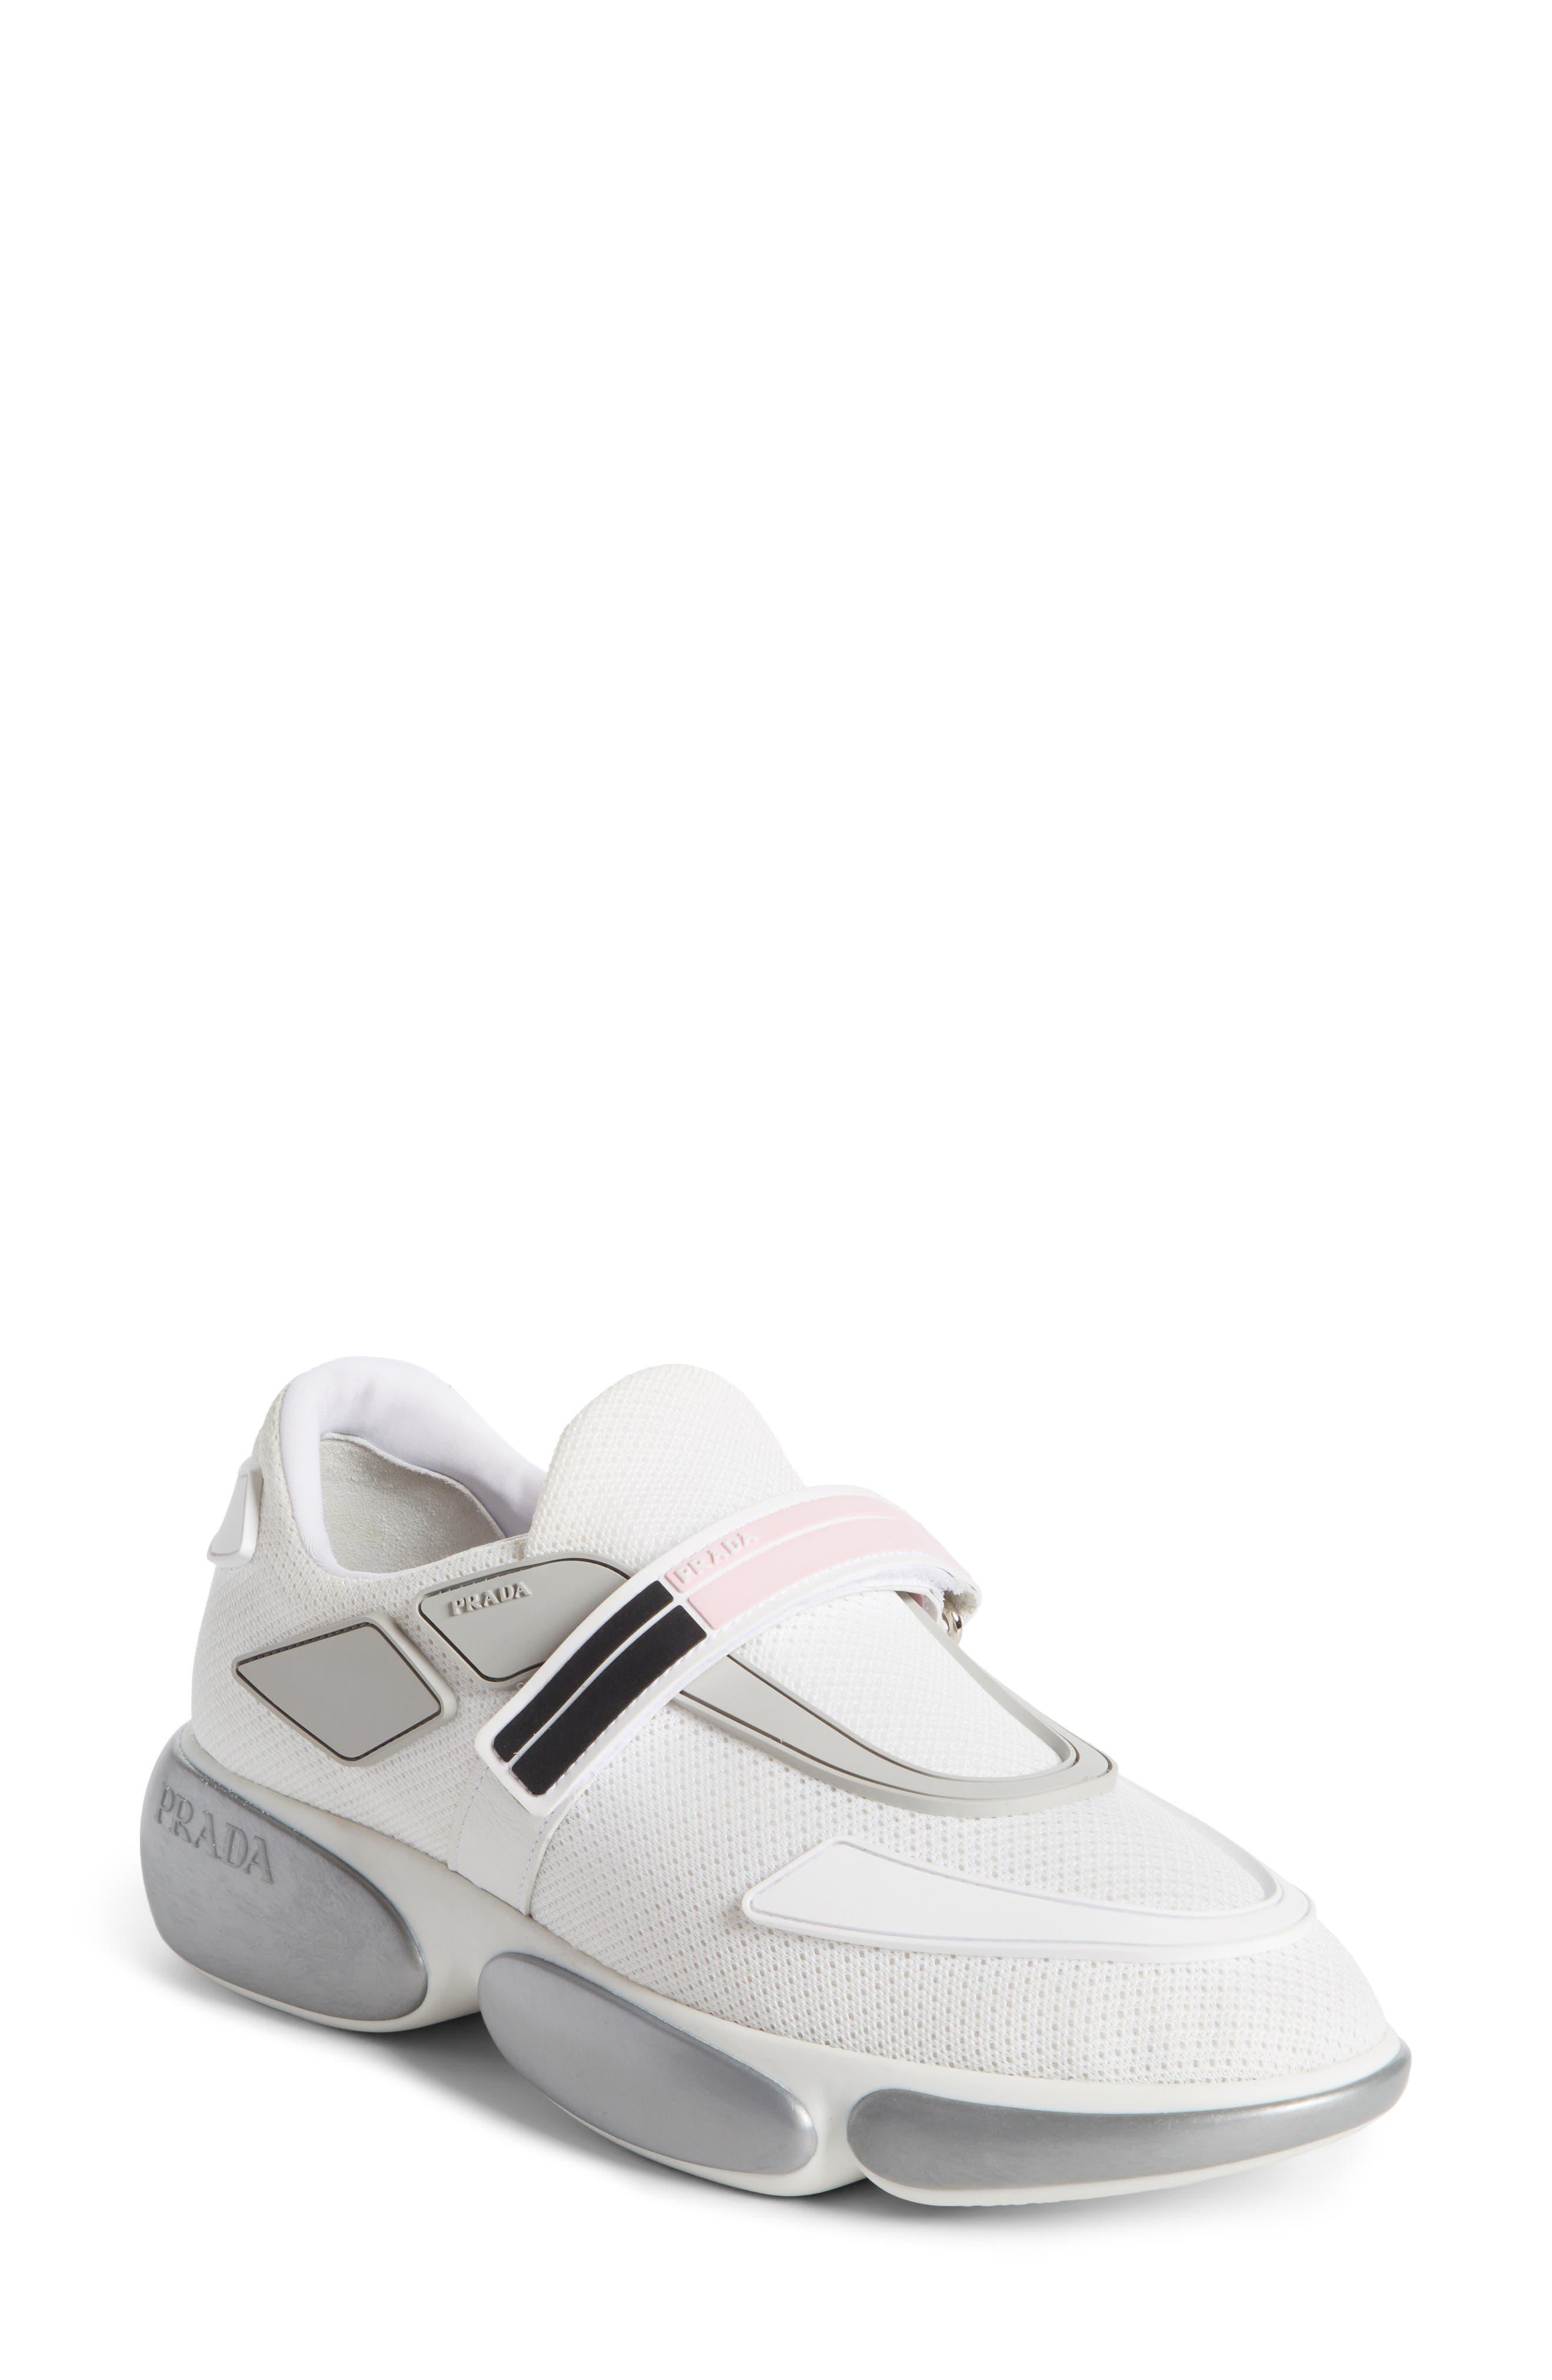 Slip on Sneakers for Women On Sale, Black, Nylon, 2017, 3.5 4 4.5 5 5.5 6 6.5 7.5 Prada